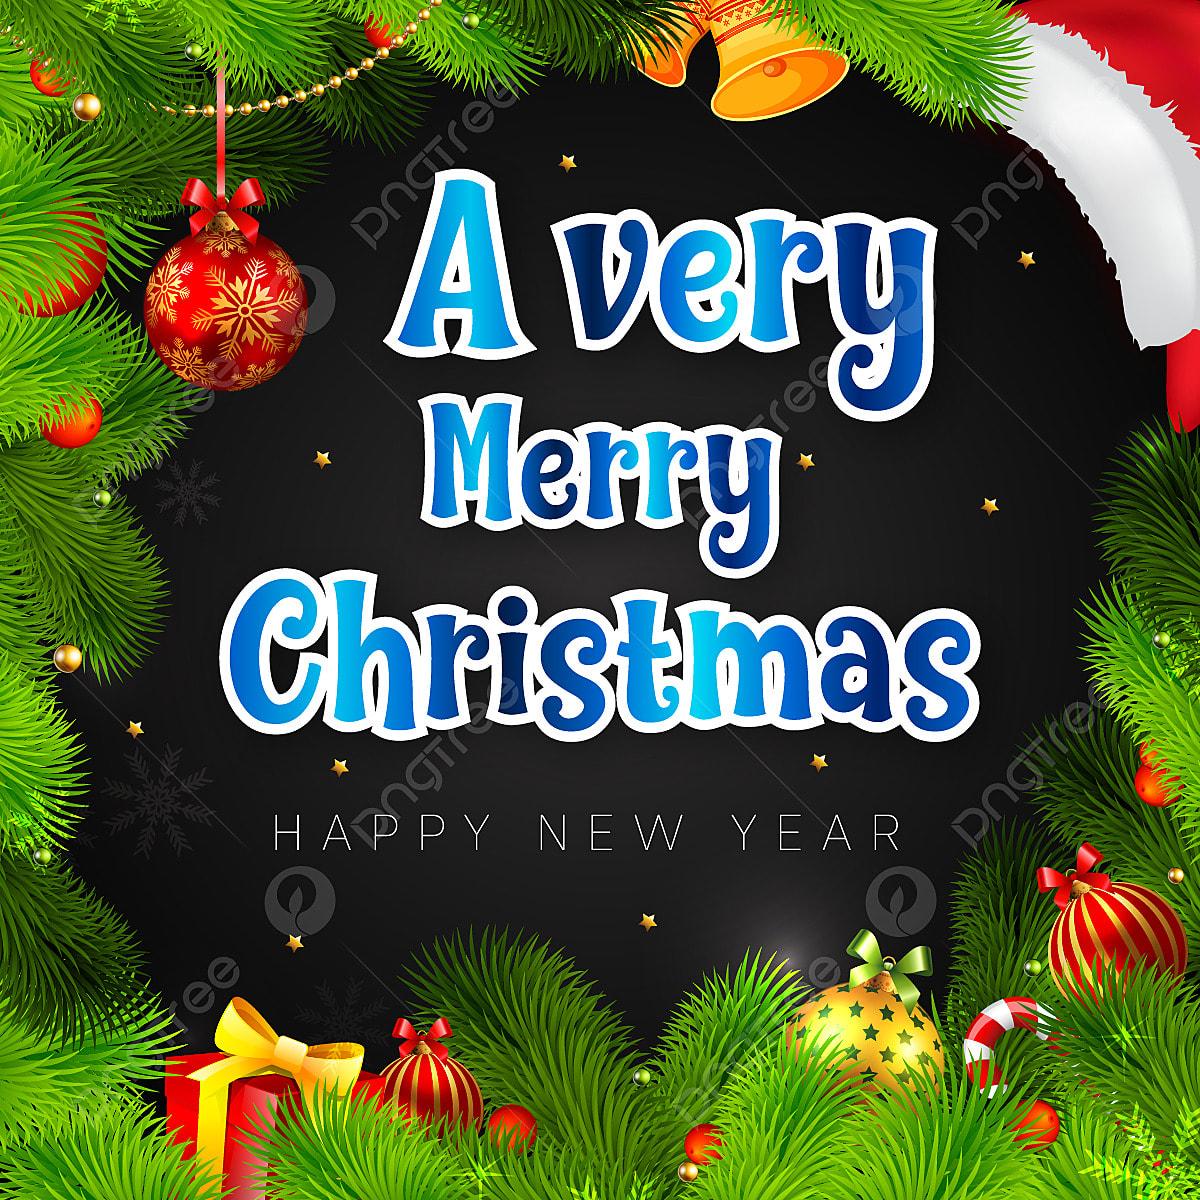 Merry Christmas Kaligrafi Dengan Pohon Natal Dan Unsur Unsur Yang Indah Hiasan Krismas Hiasan Pohon Selamat Tahun Baru Gambar Png Dan Vektor Untuk Muat Turun Percuma